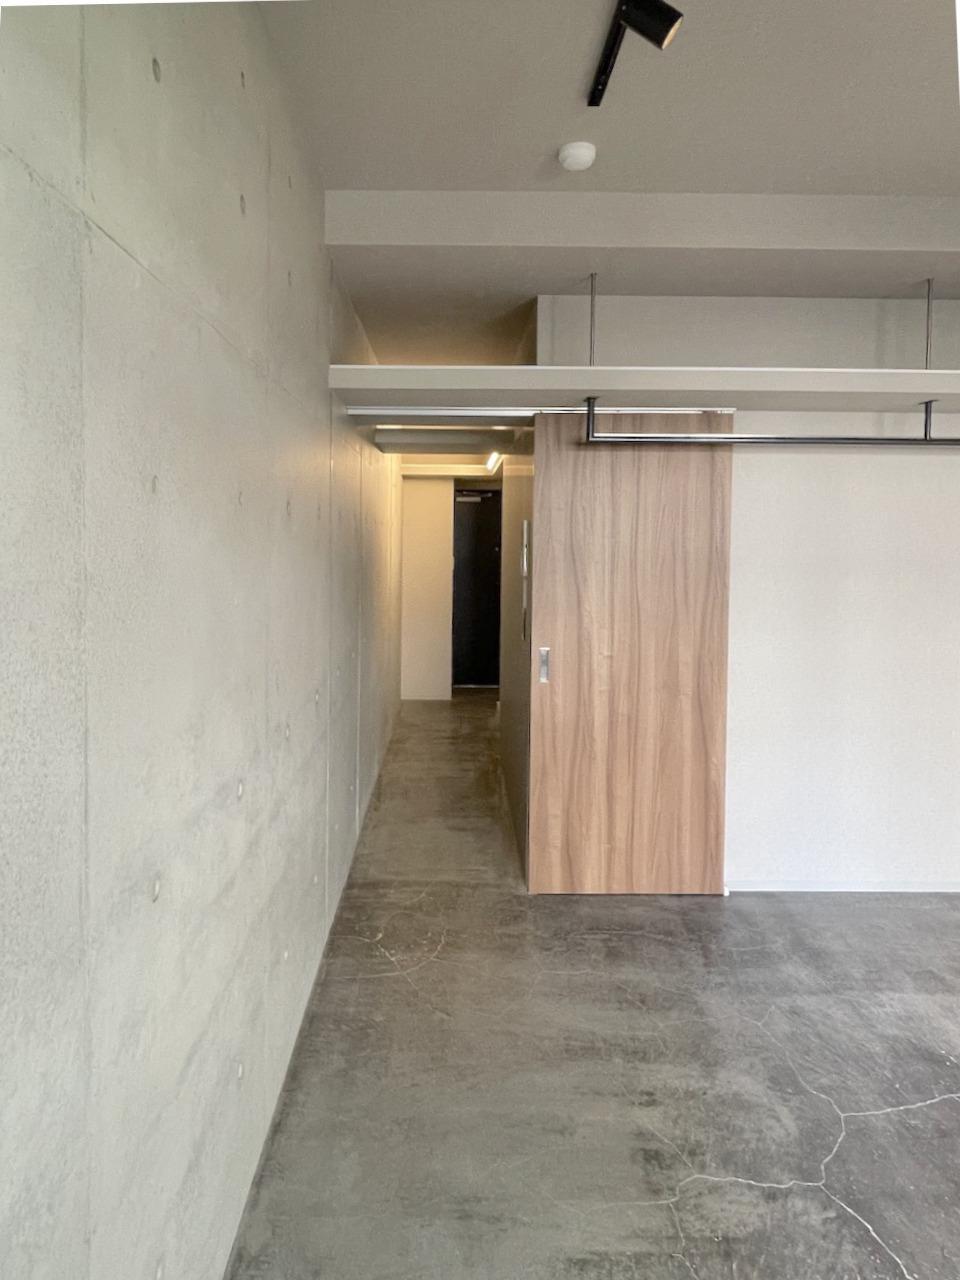 壁といい床といいクールな仕上がり。